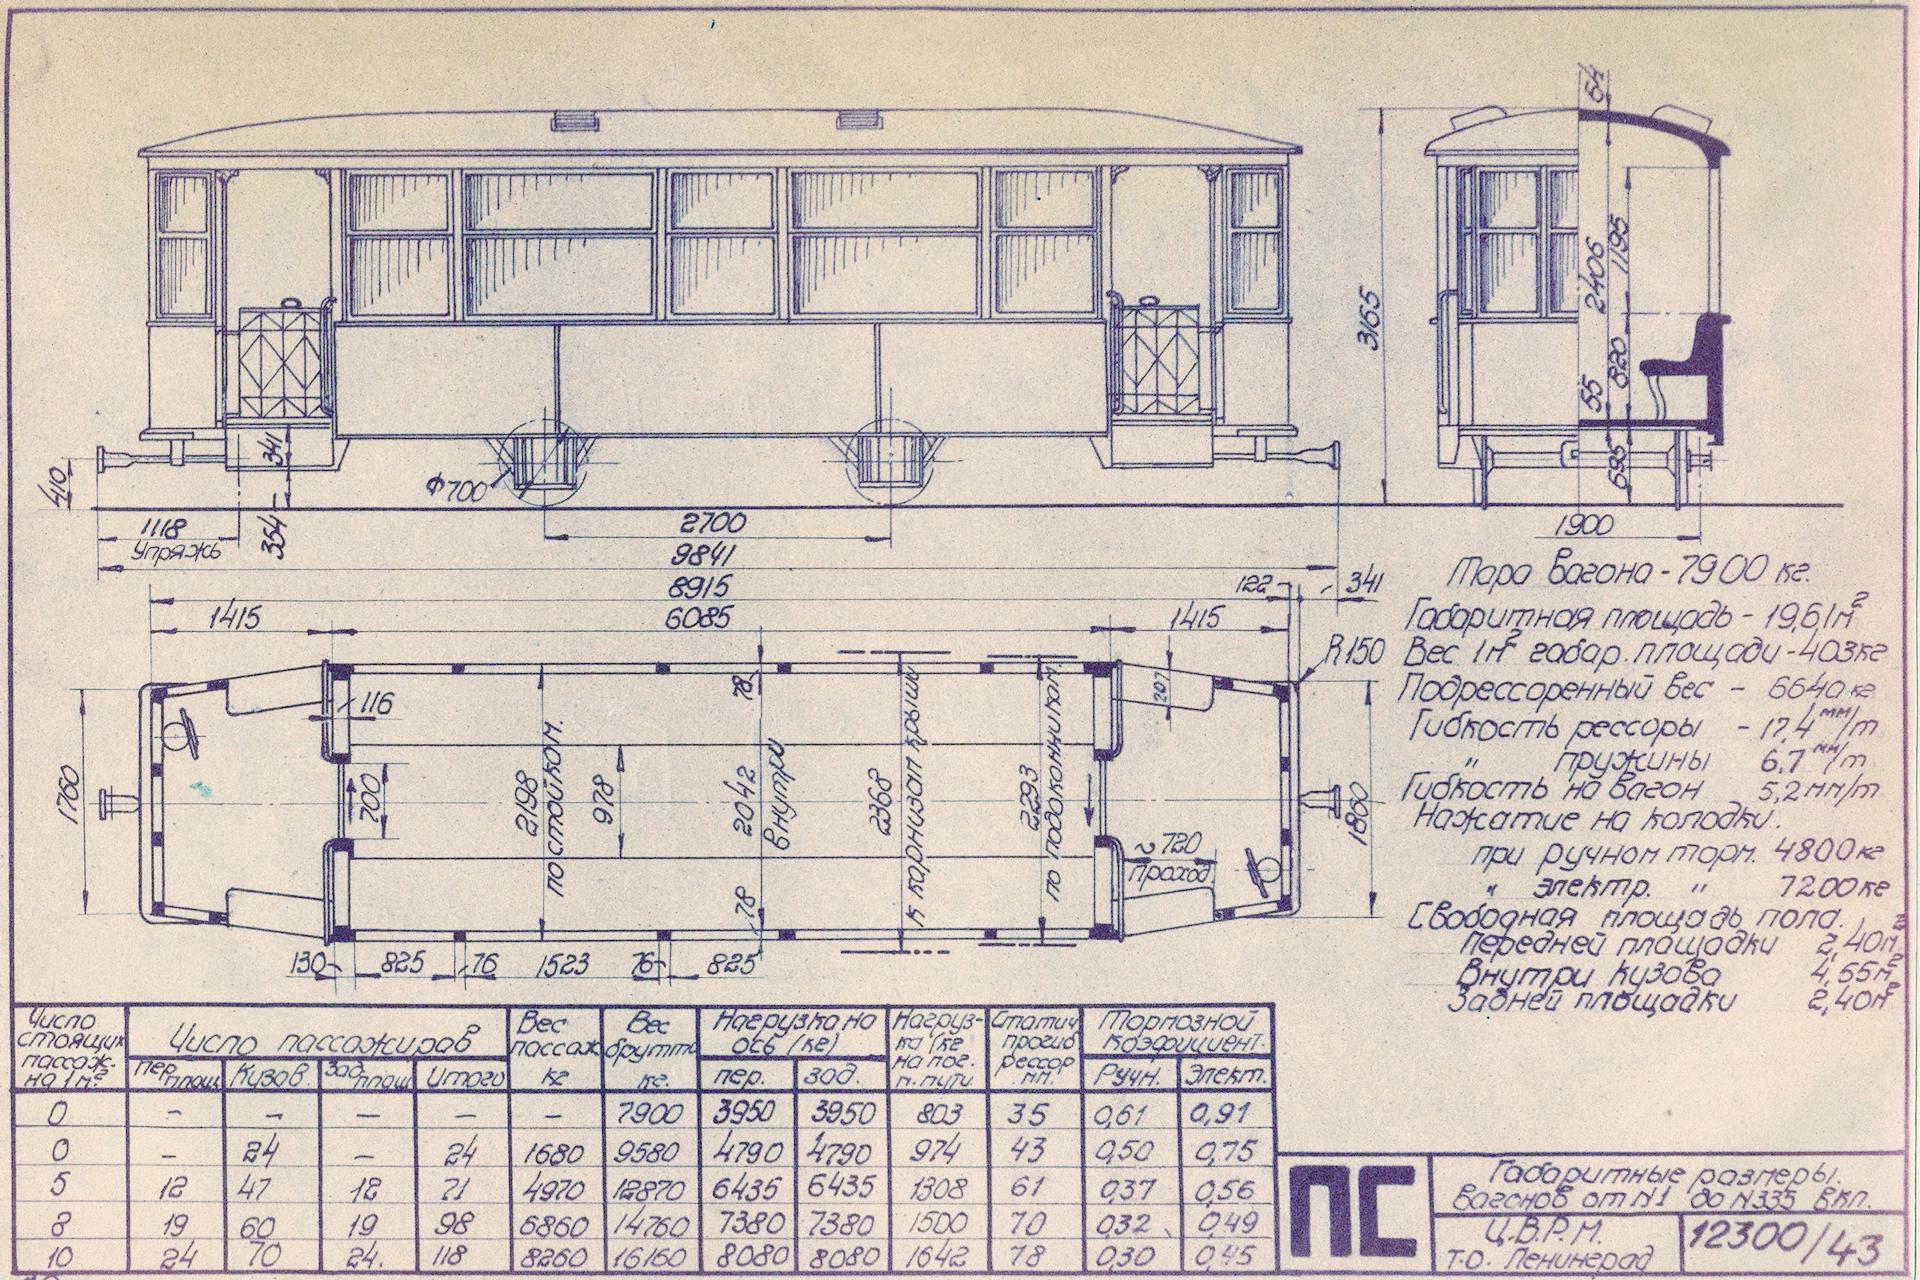 Схема вагона ПС из фондов Музея городского электрического транспорта. Фото предоставлено пресс-службой СПб ГУП «Горэлектротранс»